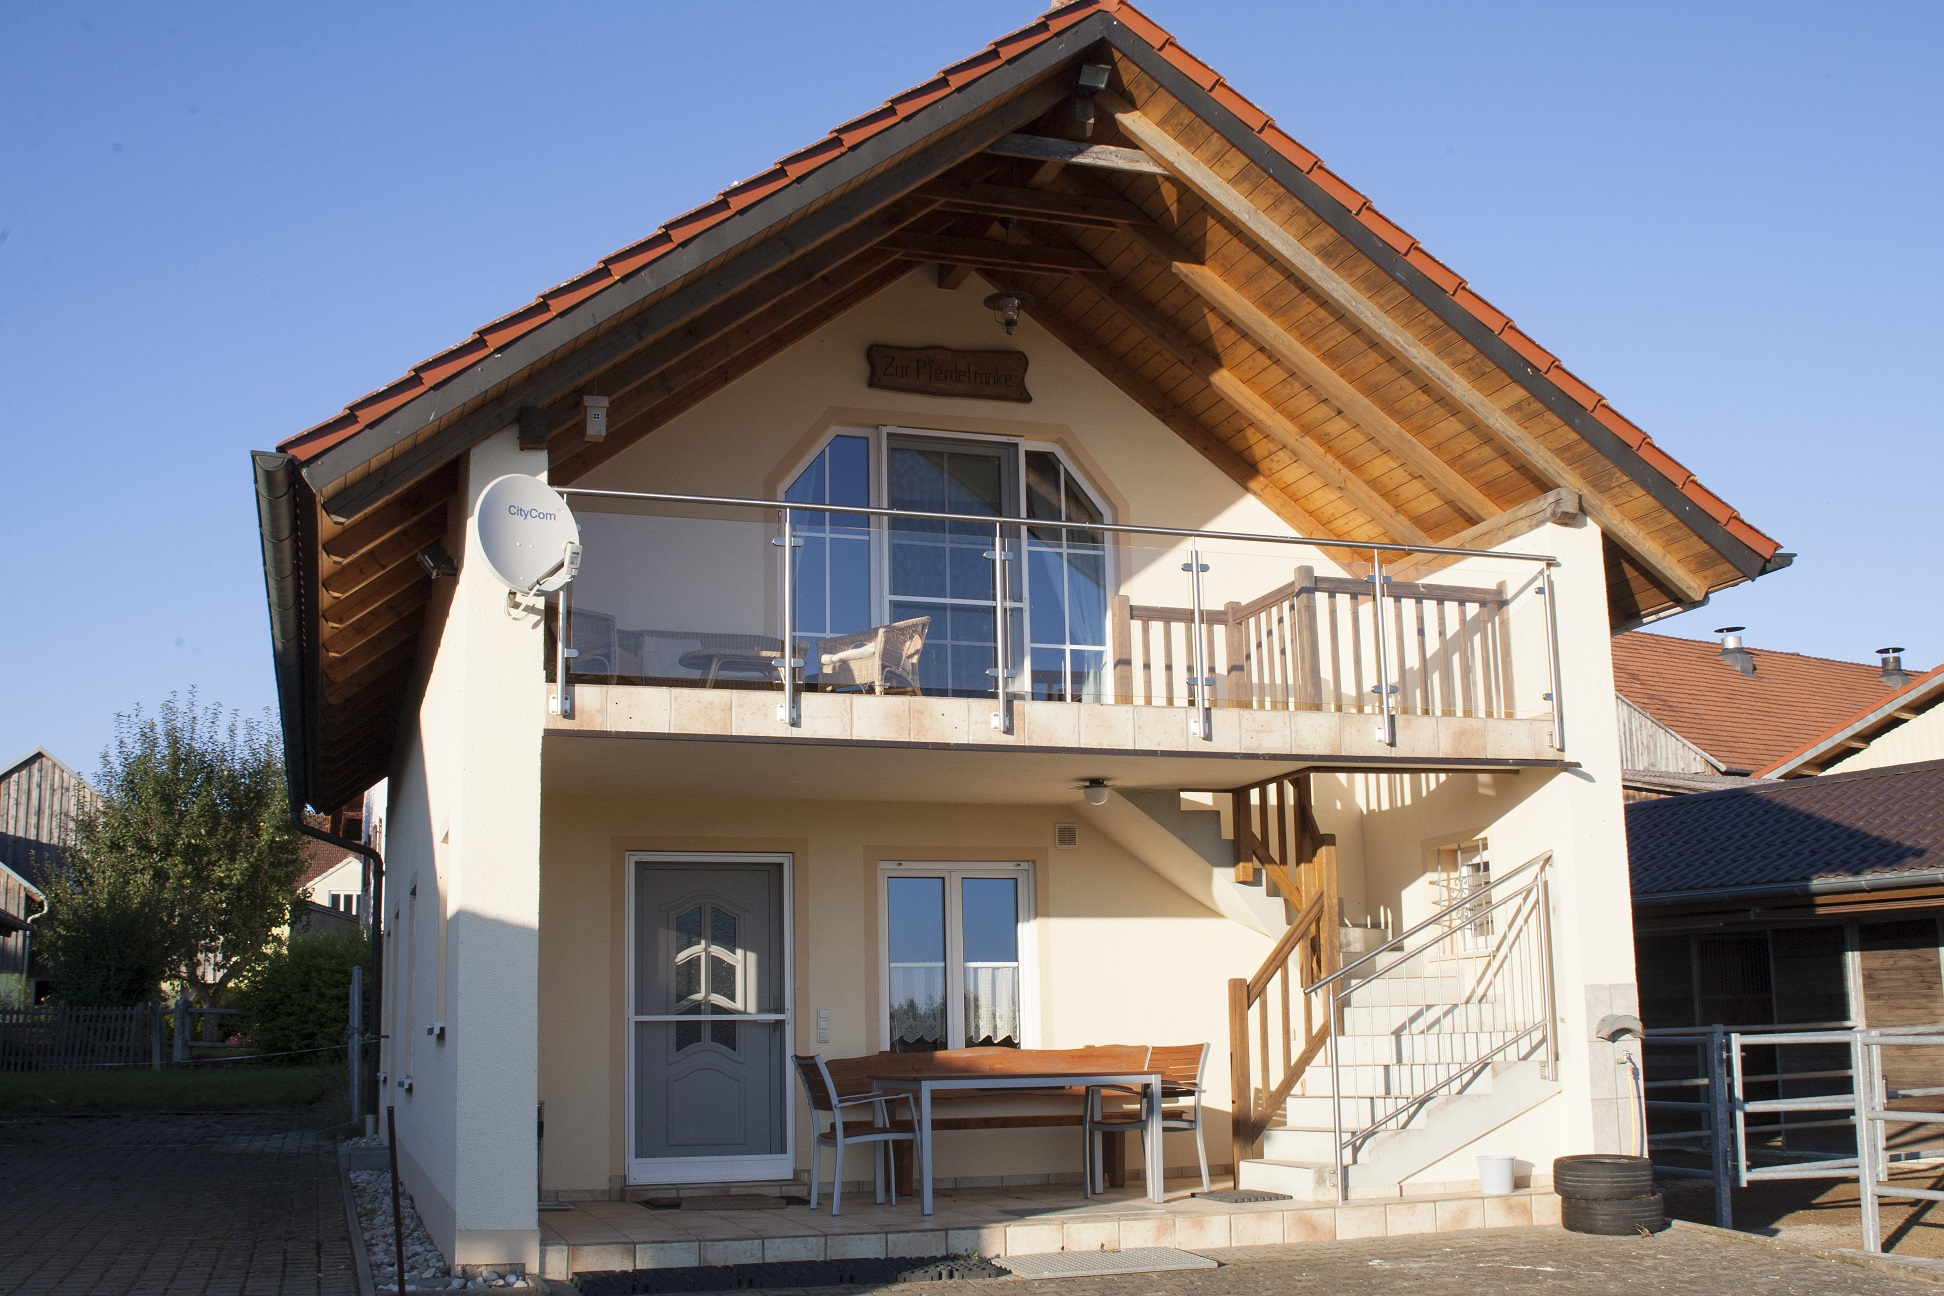 Ferienwohnung Brock - Hof Raimund Götz (Breit Ferienwohnung  Erzgebirge